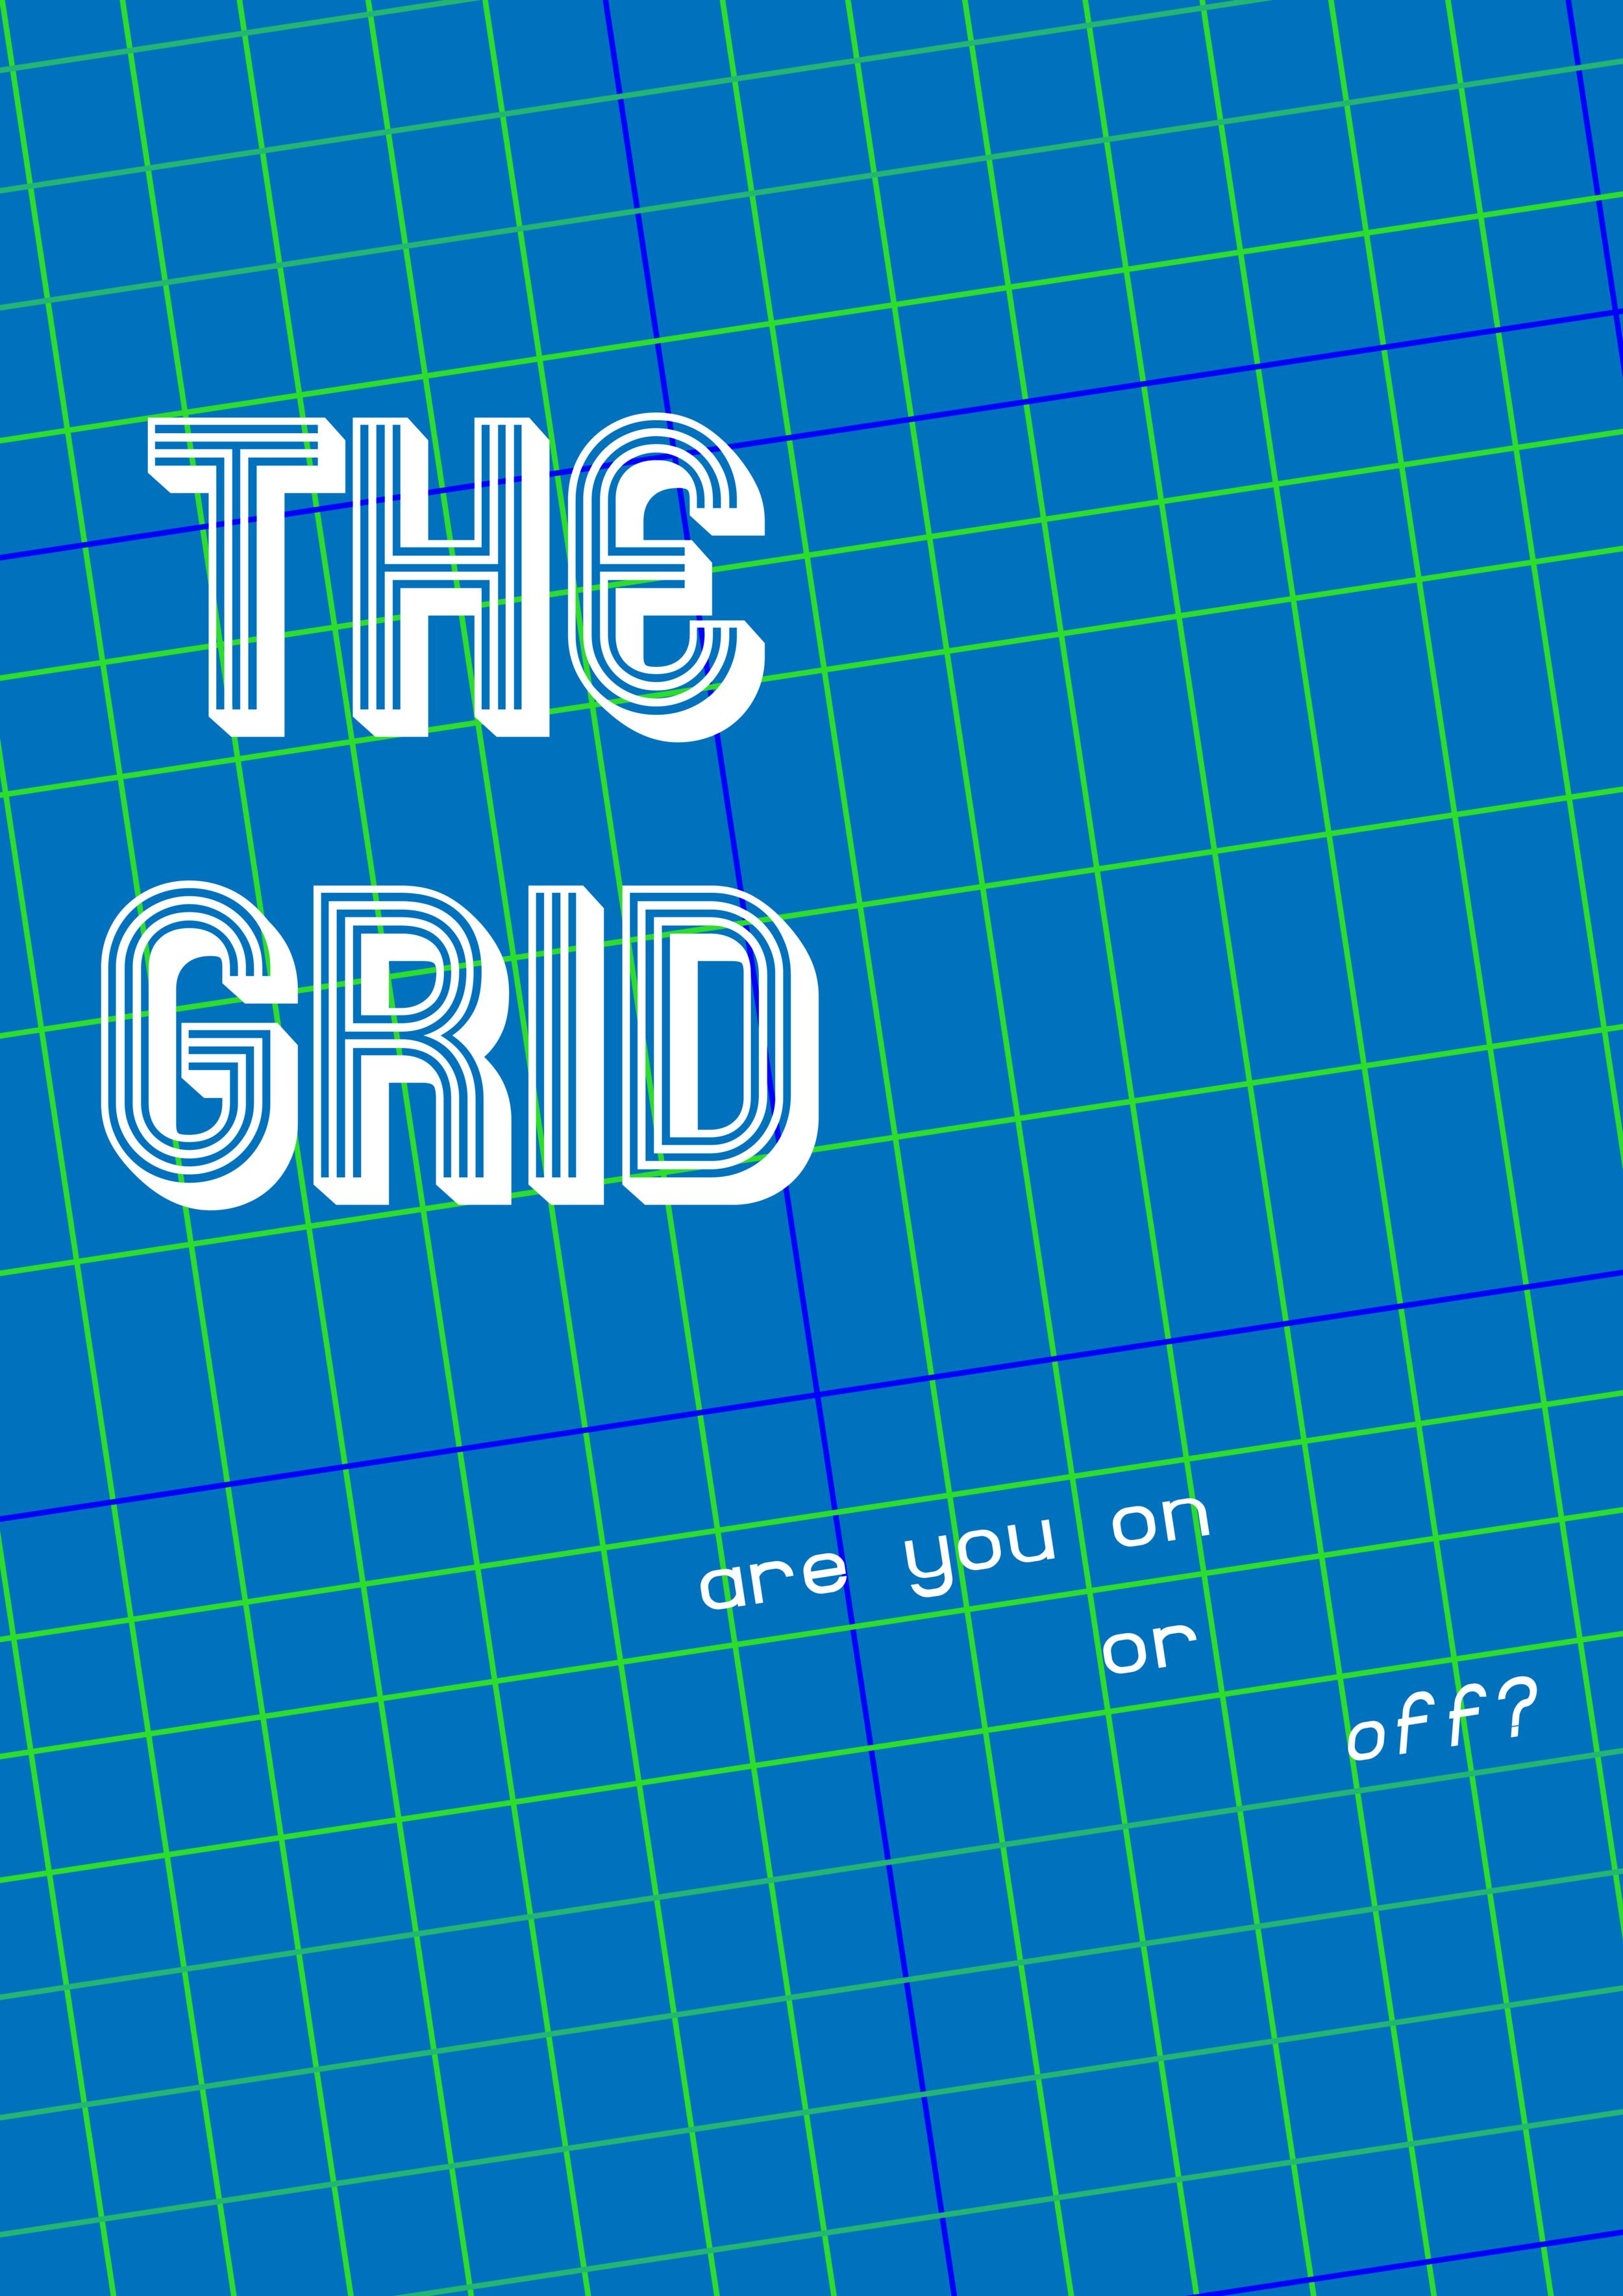 grid4-01.png